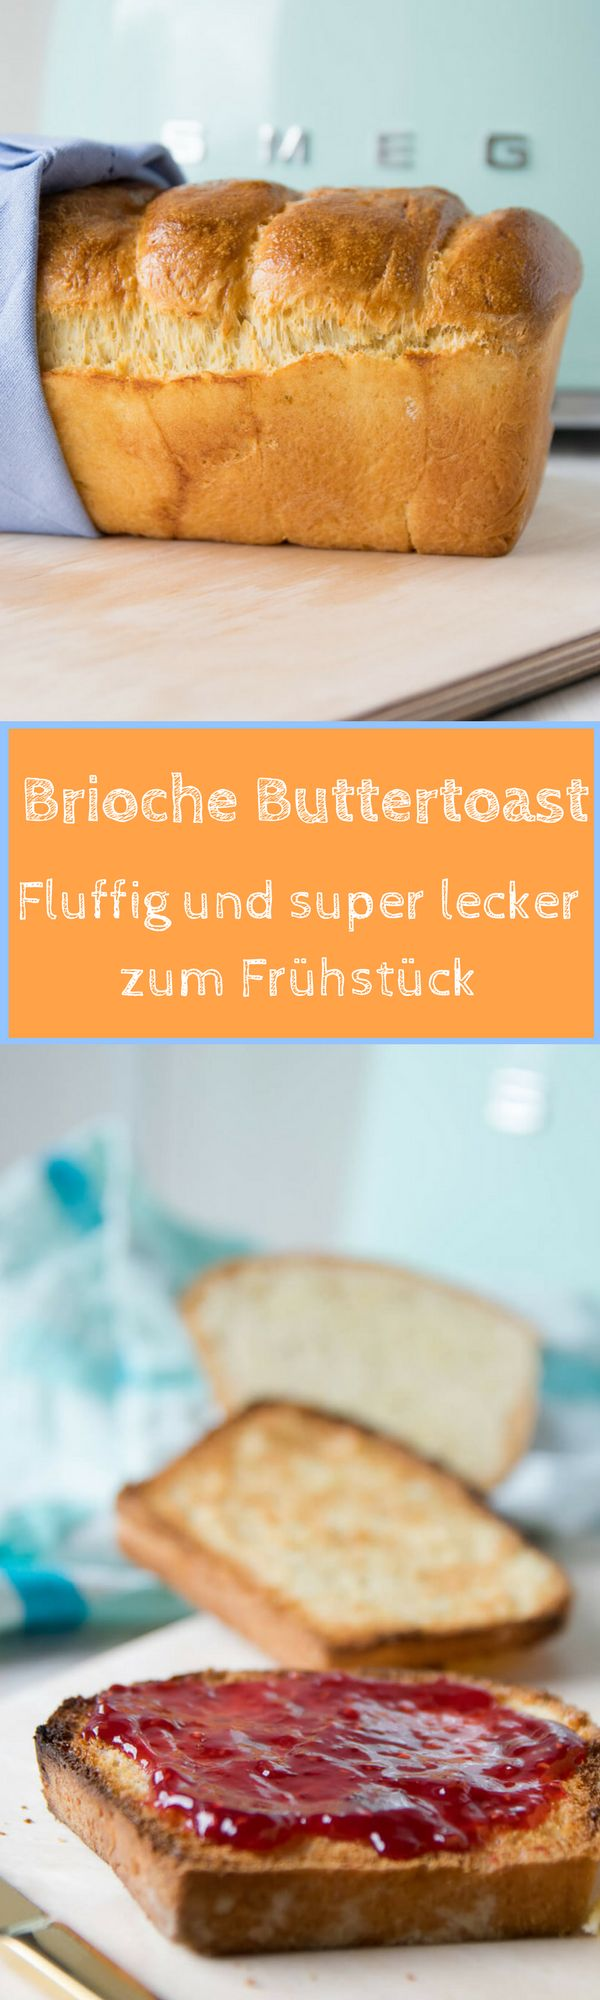 Tolles Rezept für selbstgemachtes Buttertoastbrot, das einfach unglaublich lecker schmeckt